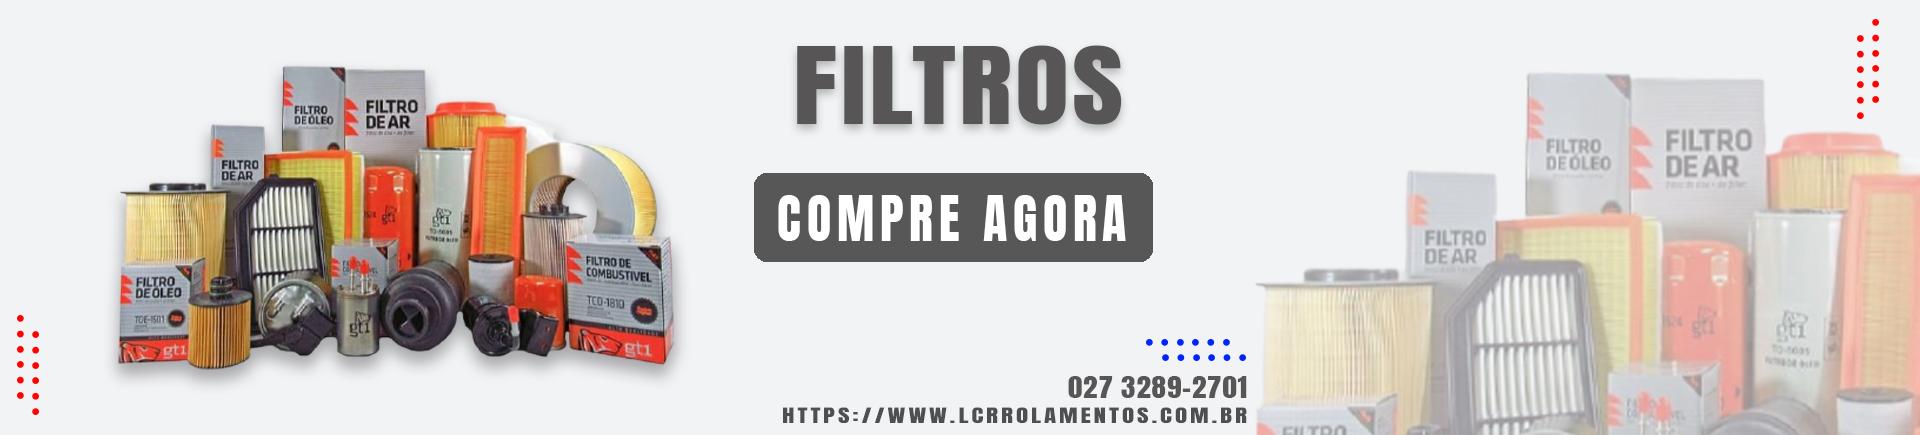 Filtros_2